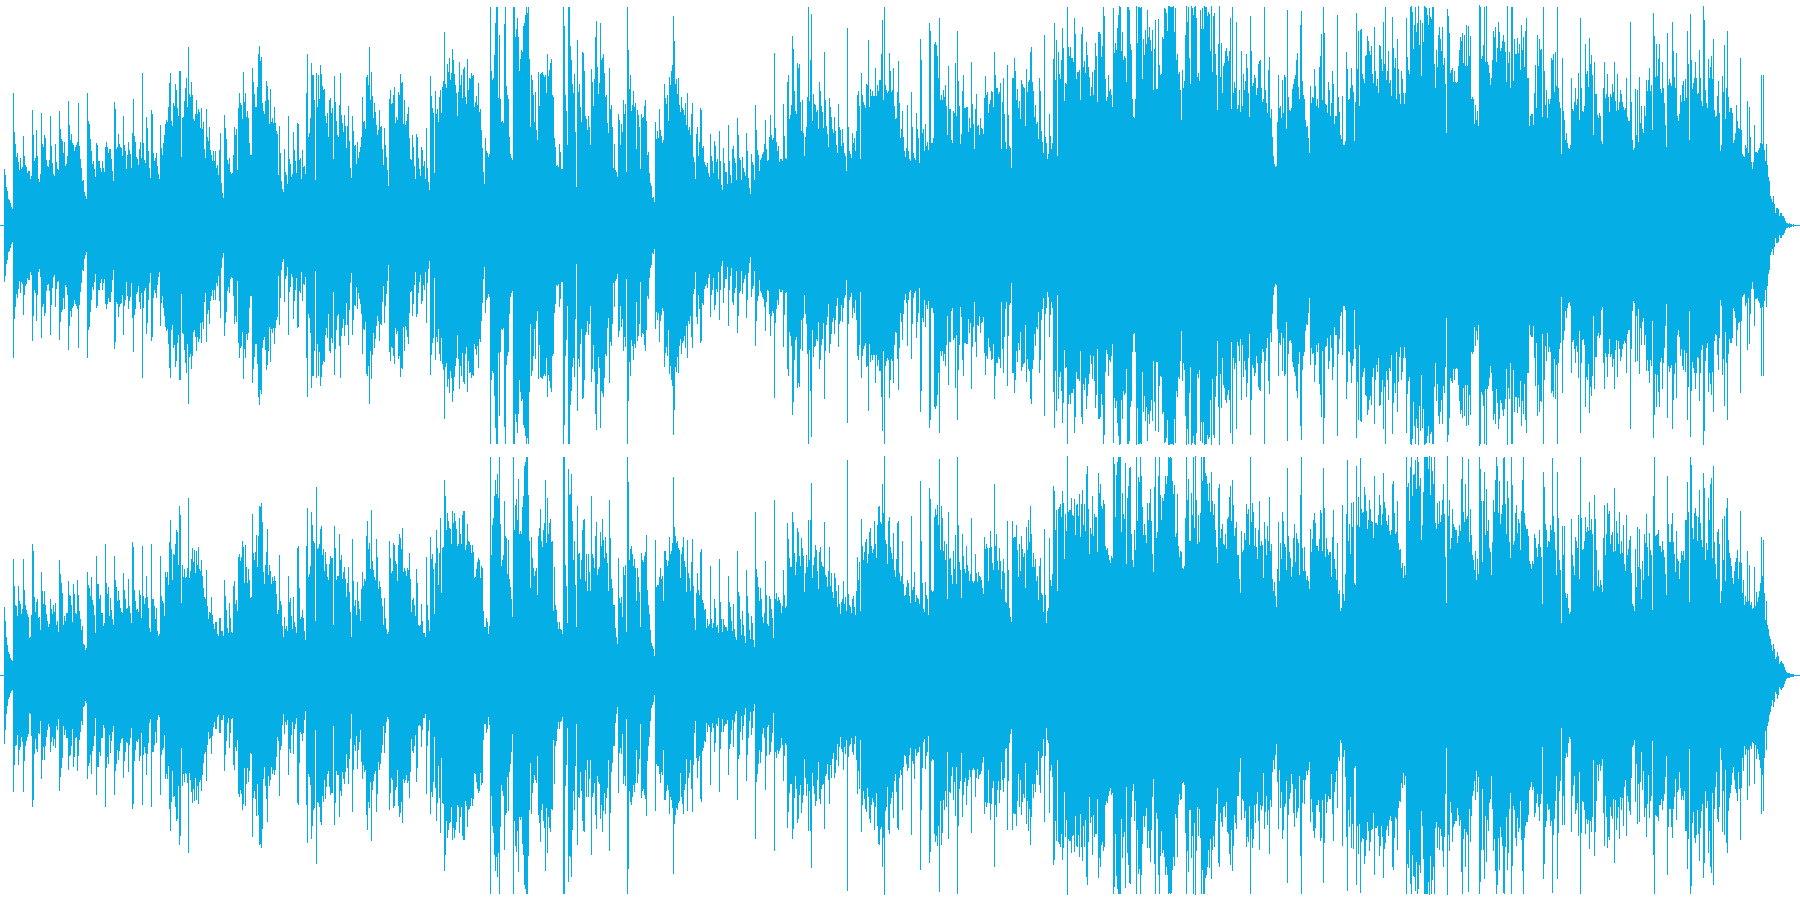 ハーモニカが印象的なブルージーなバラードの再生済みの波形